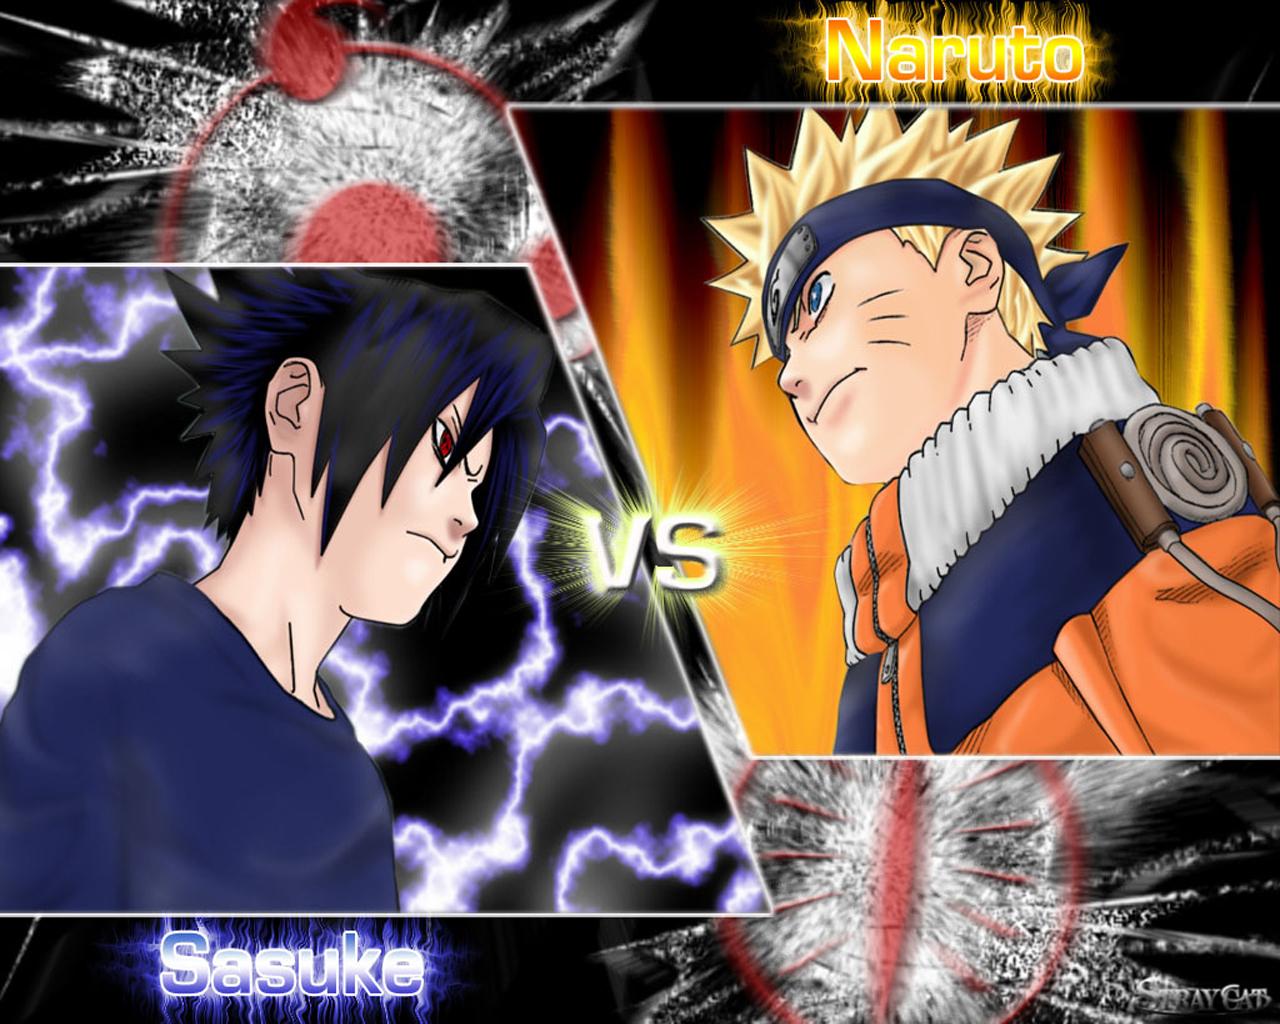 http://1.bp.blogspot.com/_EH5nXyhXgaw/TQXnzCSxw8I/AAAAAAAAAG4/fJ5EaJWe5SM/s1600/Naruto_vs_Sasuke_Wallpaper-64448.jpeg